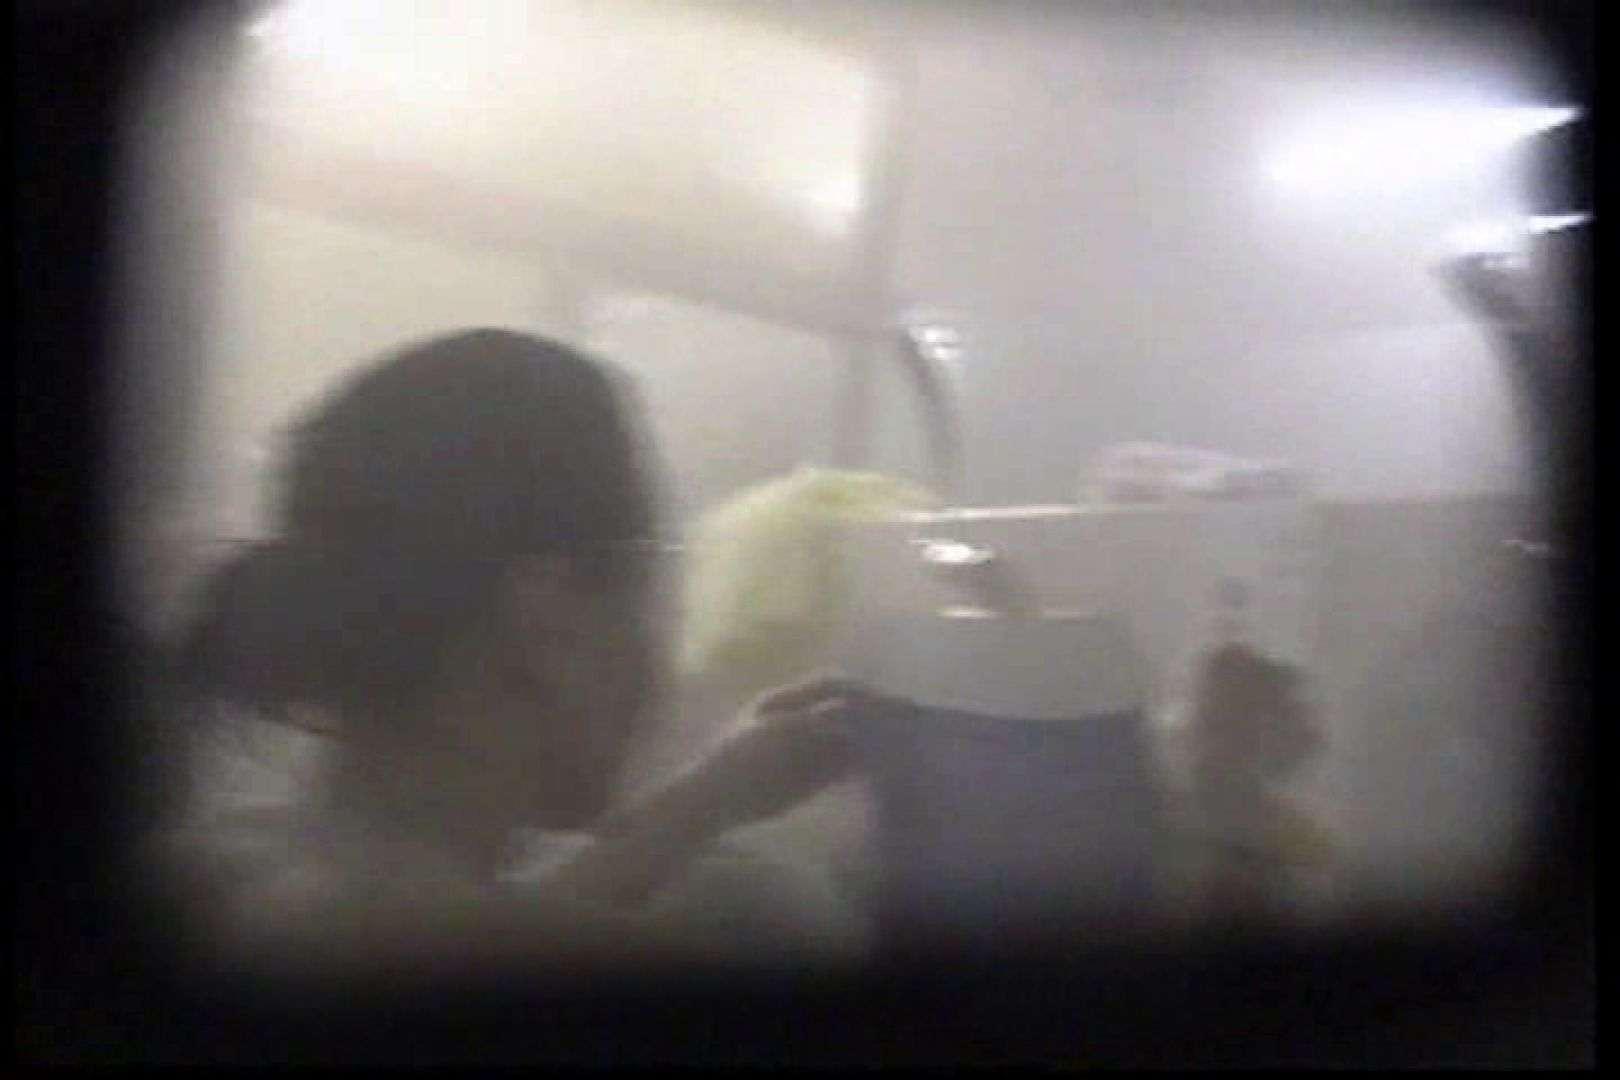 洗面器にカメラを仕込んで洗い場内を移動盗撮 TK-131 盗撮   0  58pic 11